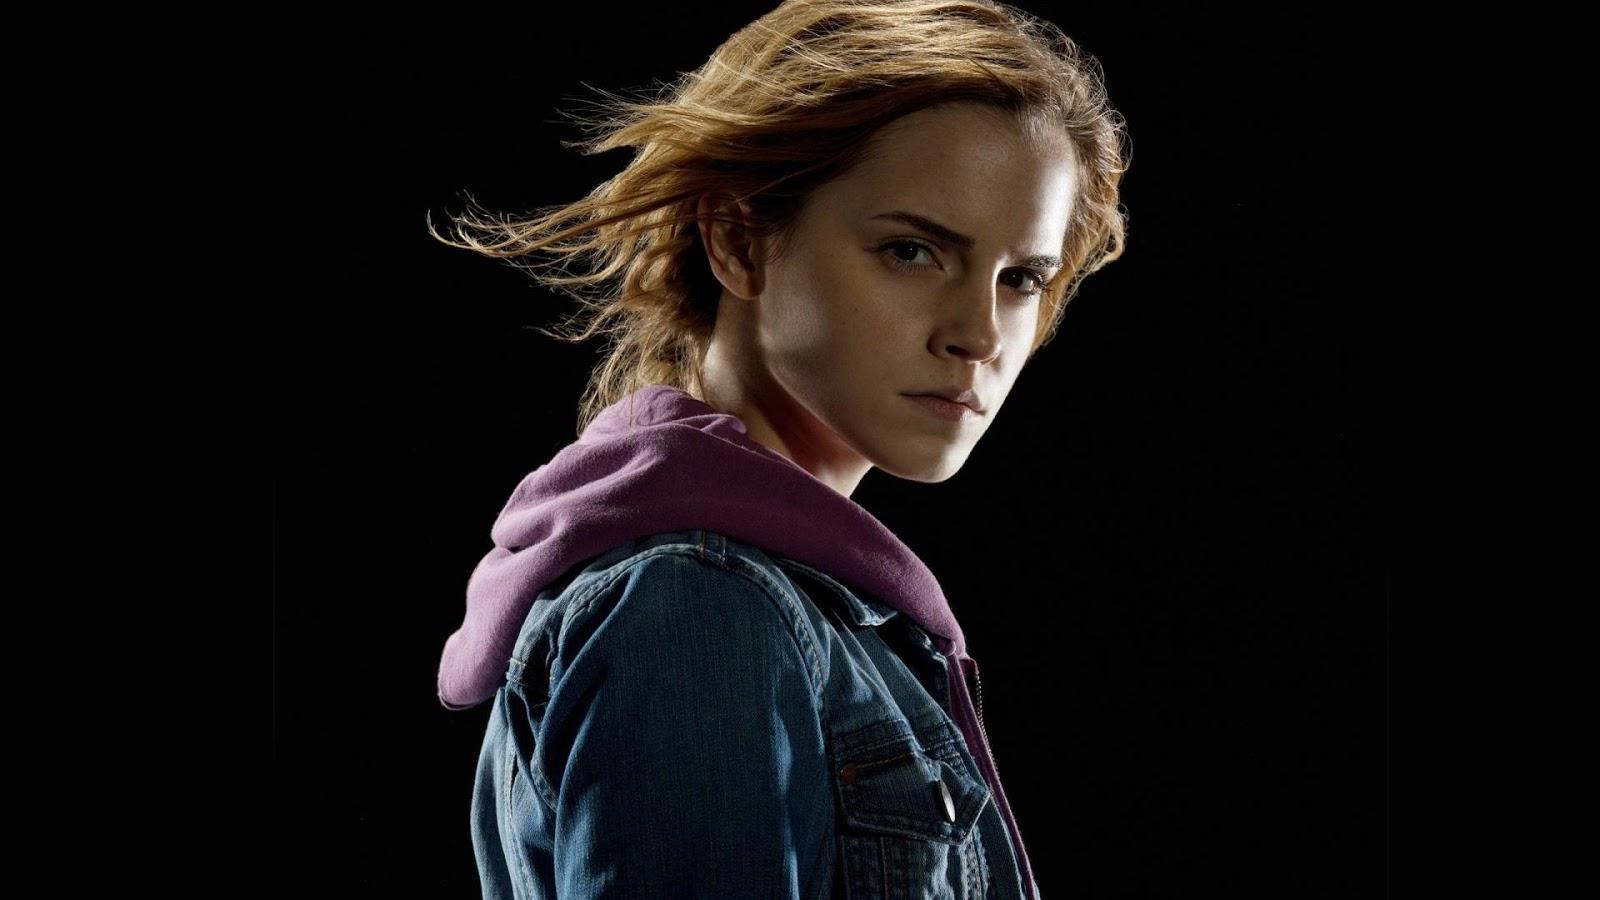 Emma Watson HD Image 1080p